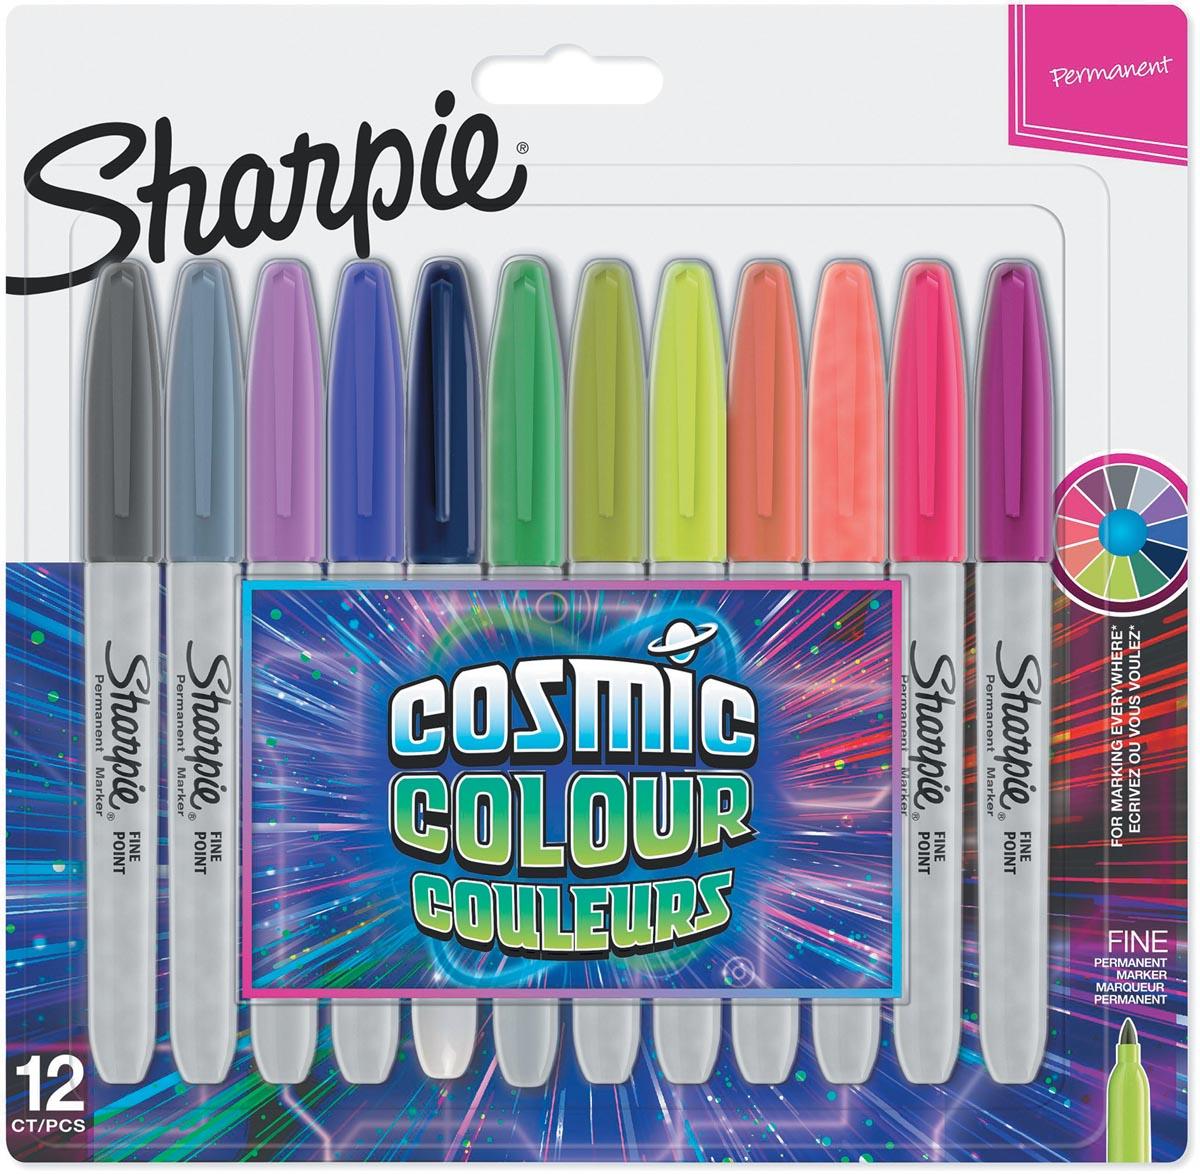 Sharpie permanente marker cosmic colour, fijne punt, blister van 12 stuks in geassorteerde kleuren